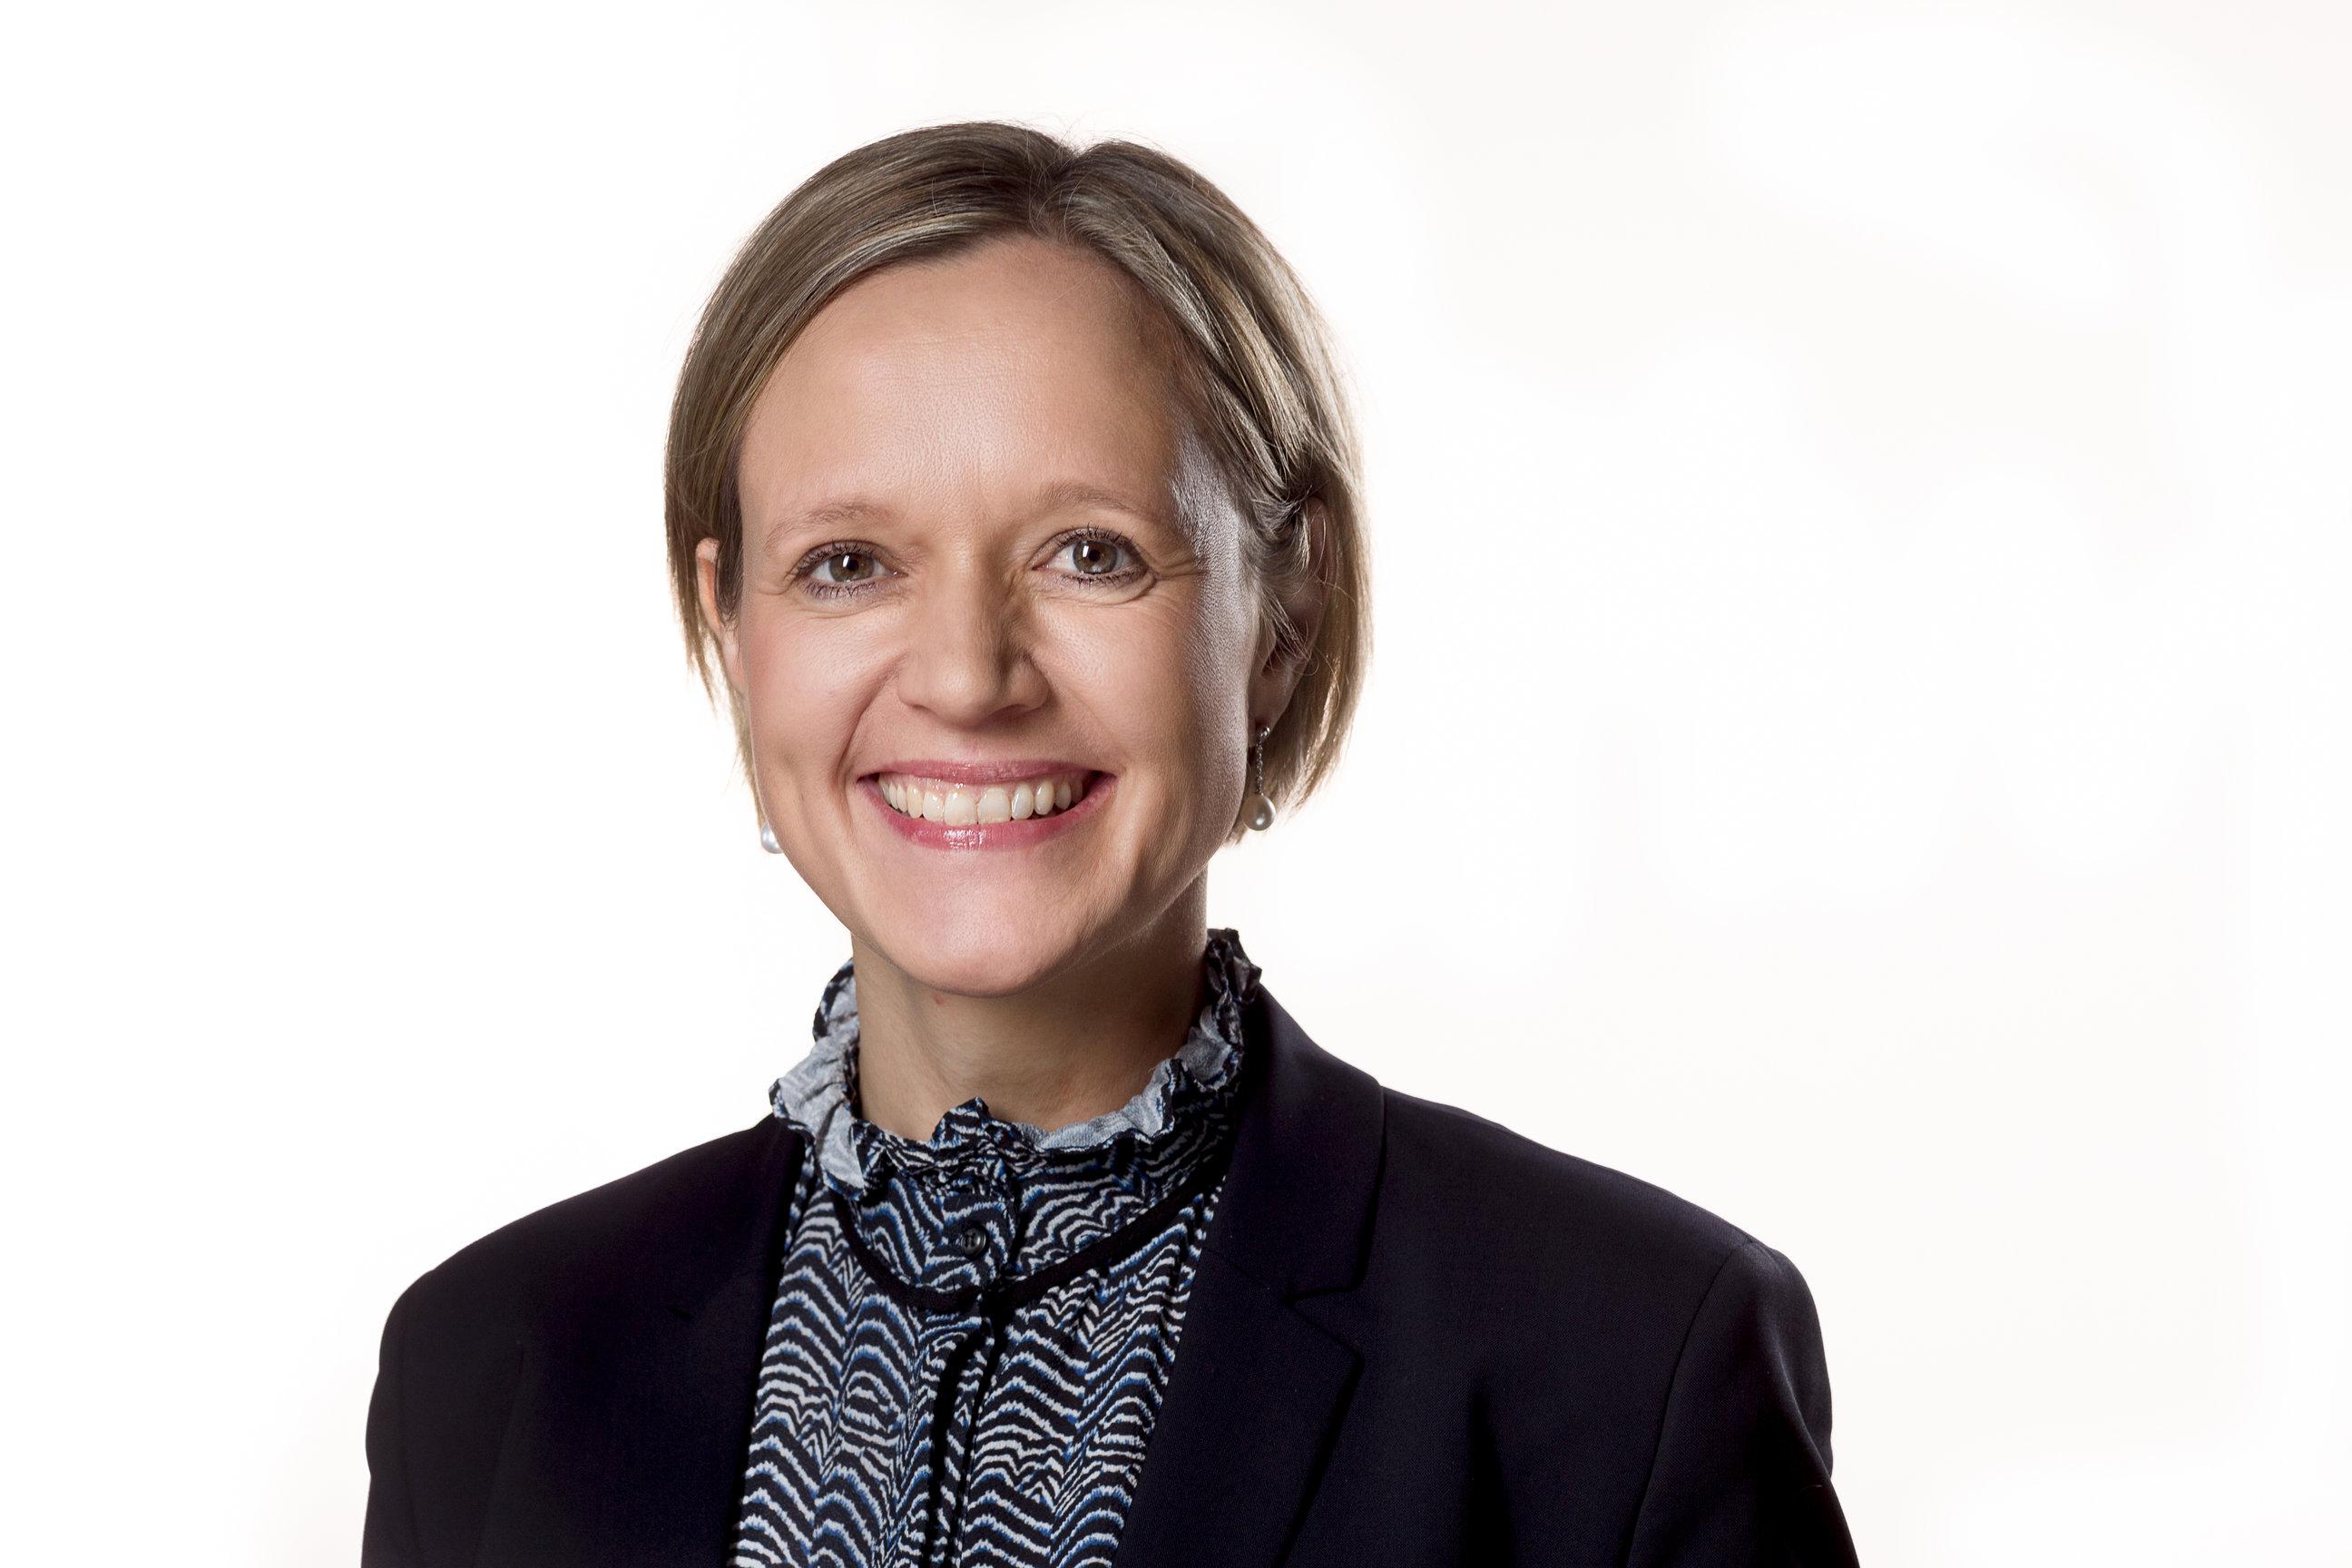 Cecilia Lonning-Skovgaard, Venstre, borgmester,